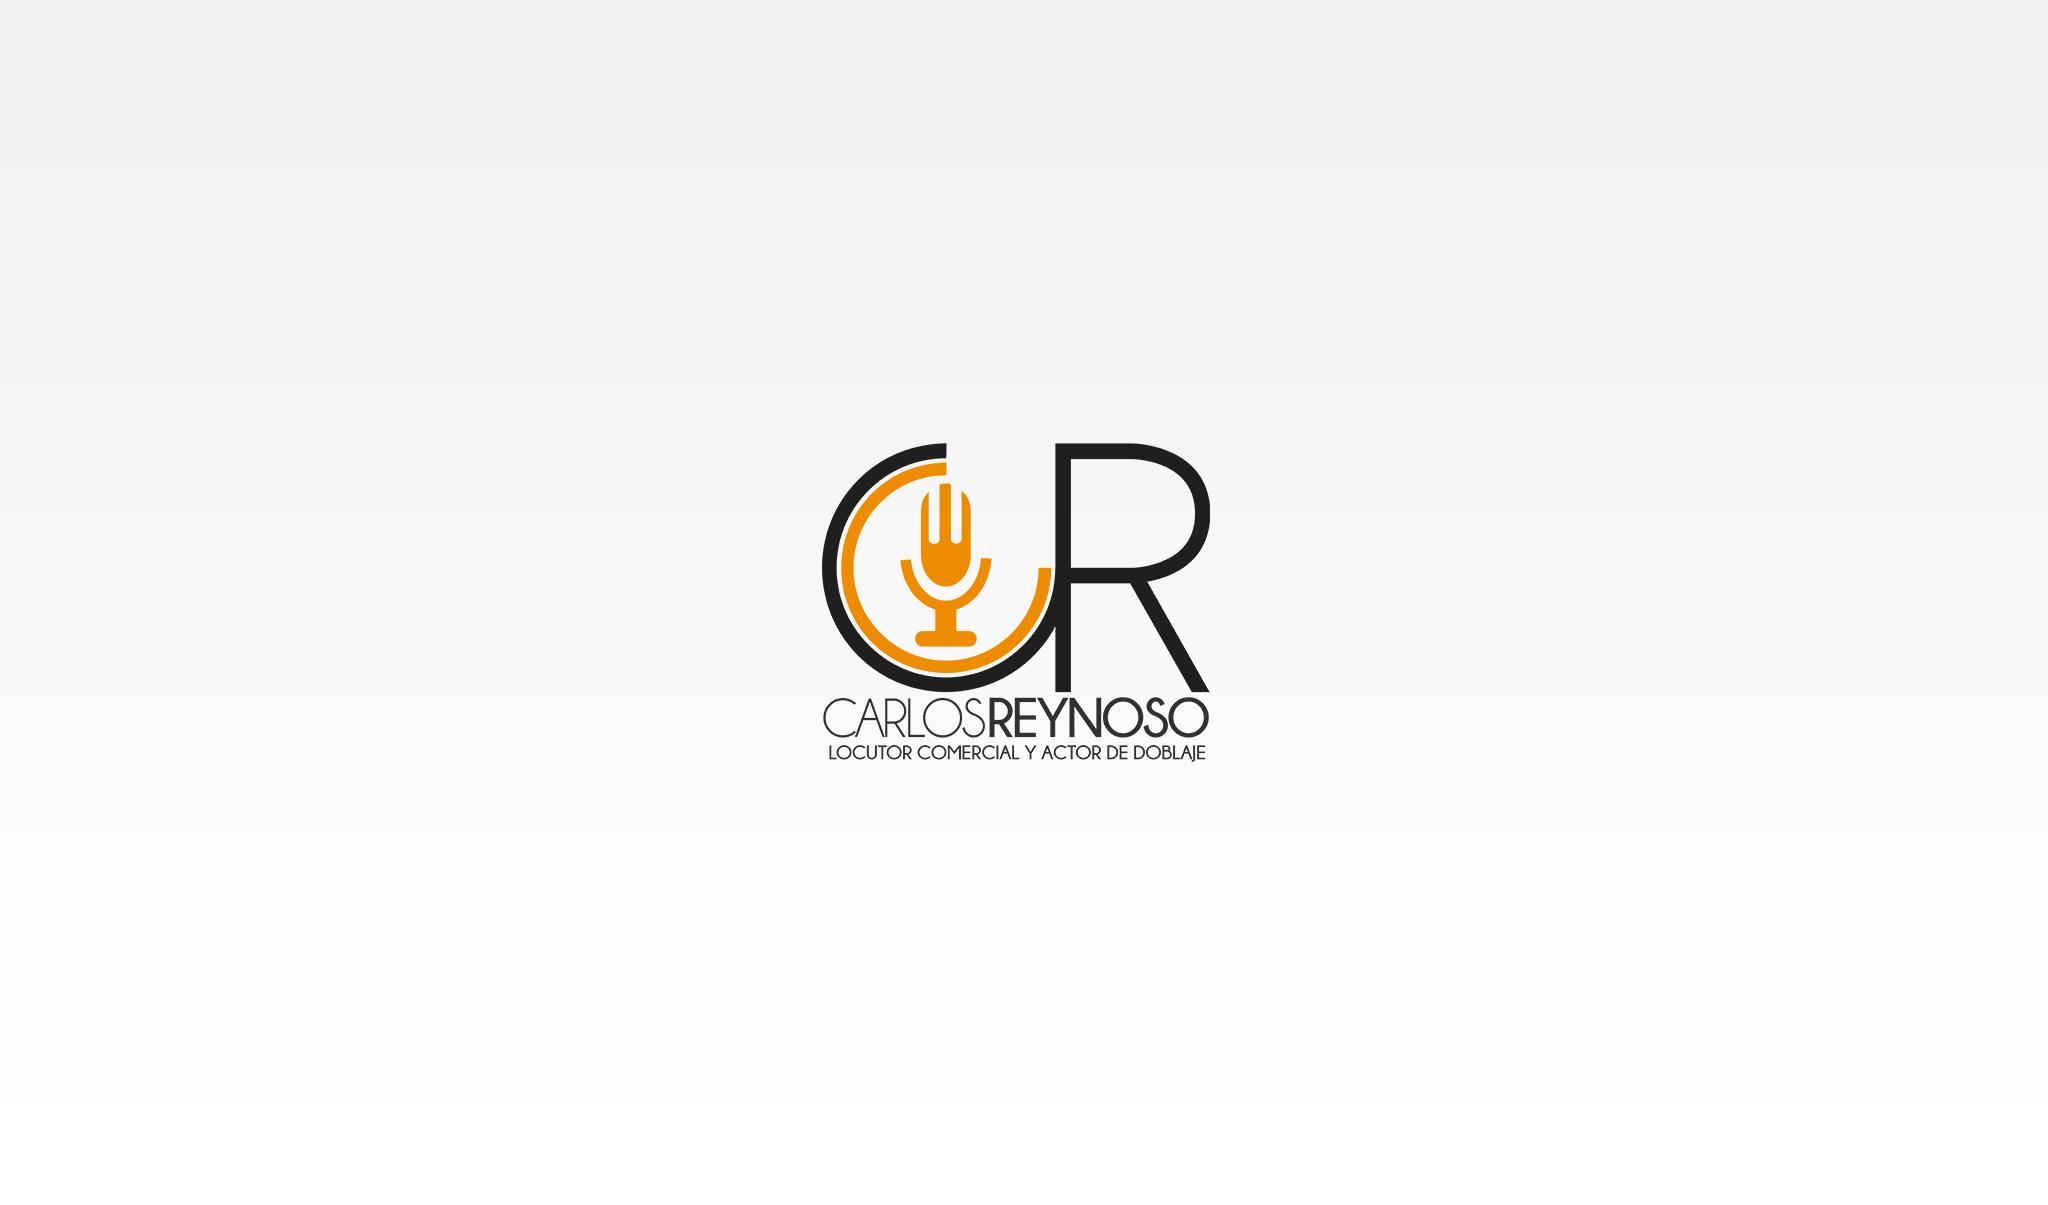 Diseño de logotipo creado por MKT Para Todos.